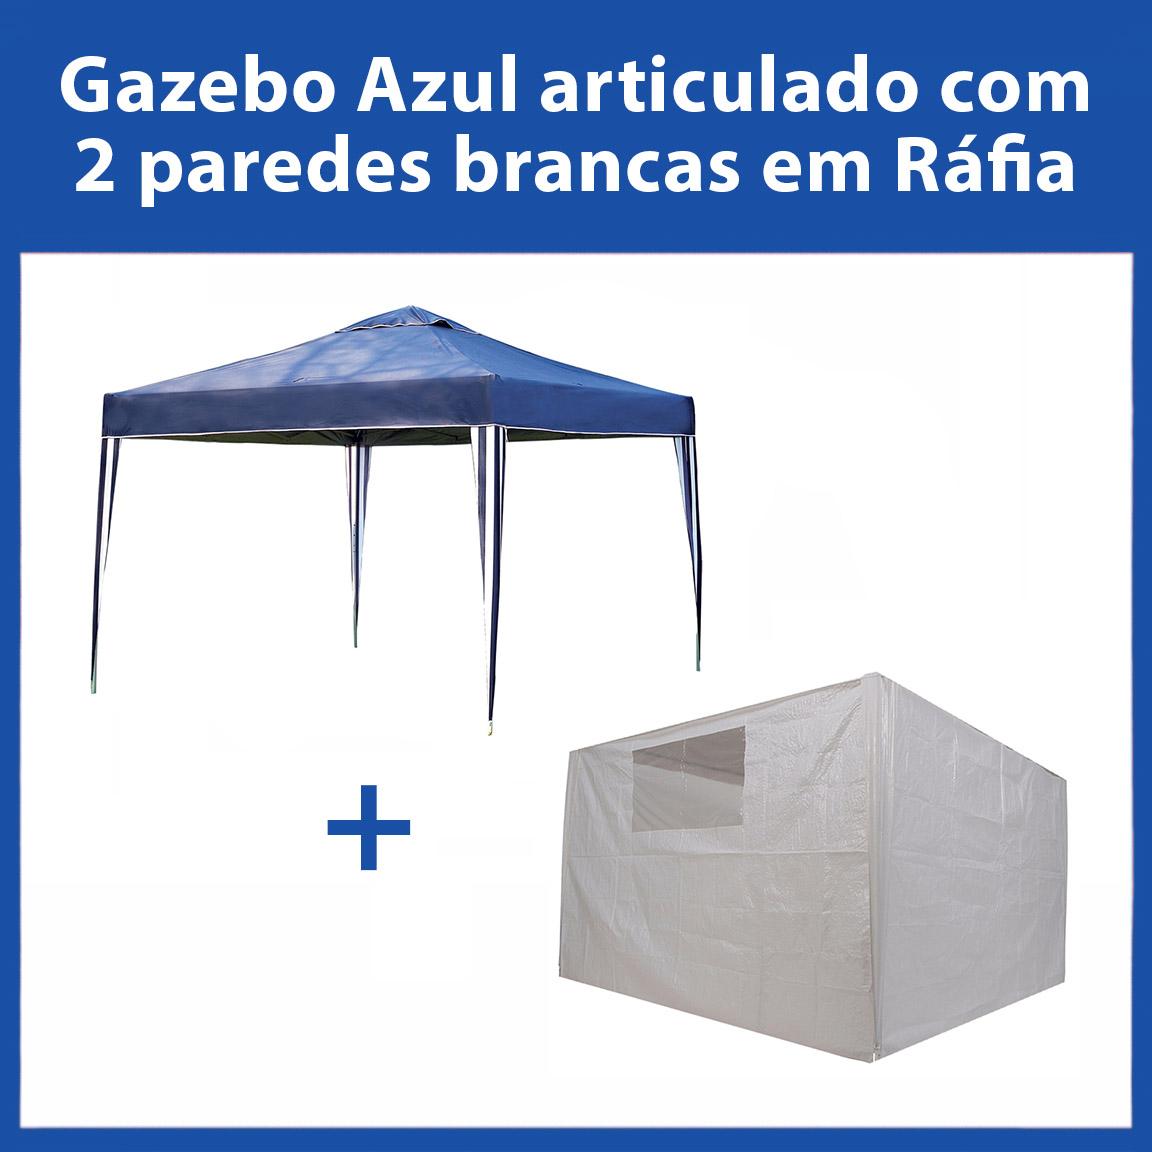 Gazebo 3x3 Articulado Azul em Aço + 2 Paredes Brancas de Ráfia Eleva Mundi